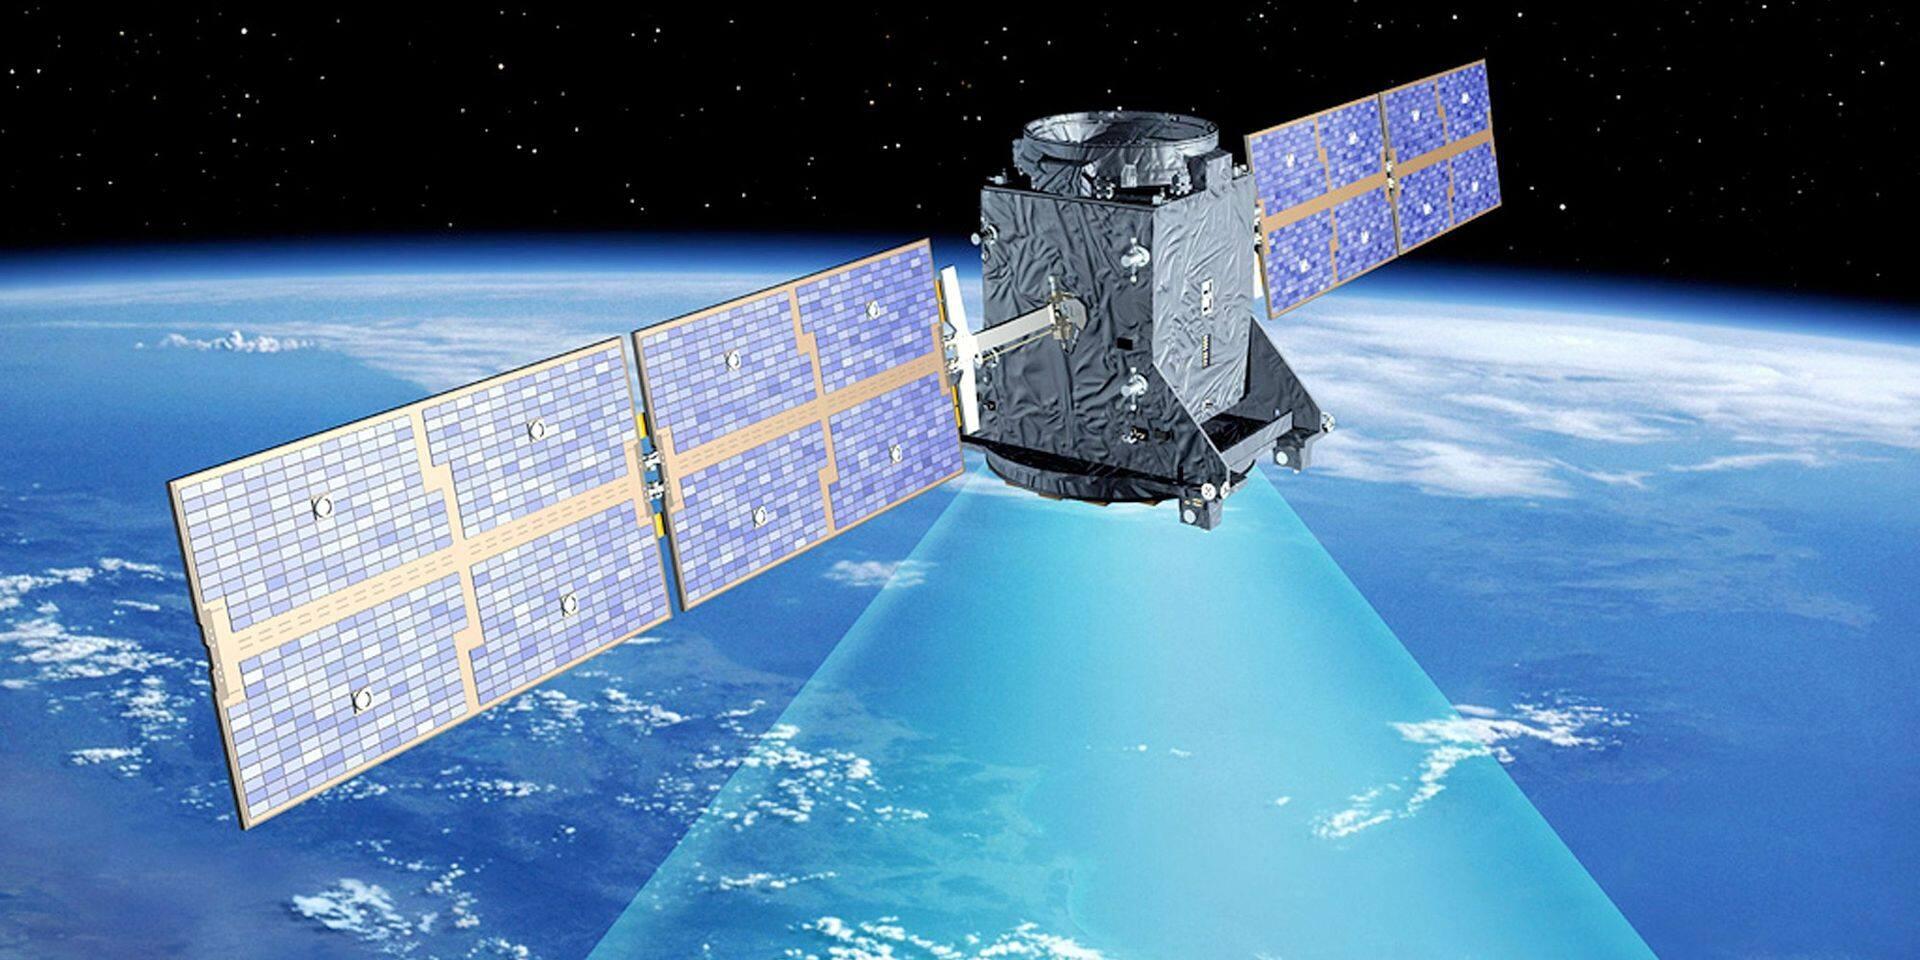 L'UE veut avancer le lancement de la nouvelle génération de satellites Galileo